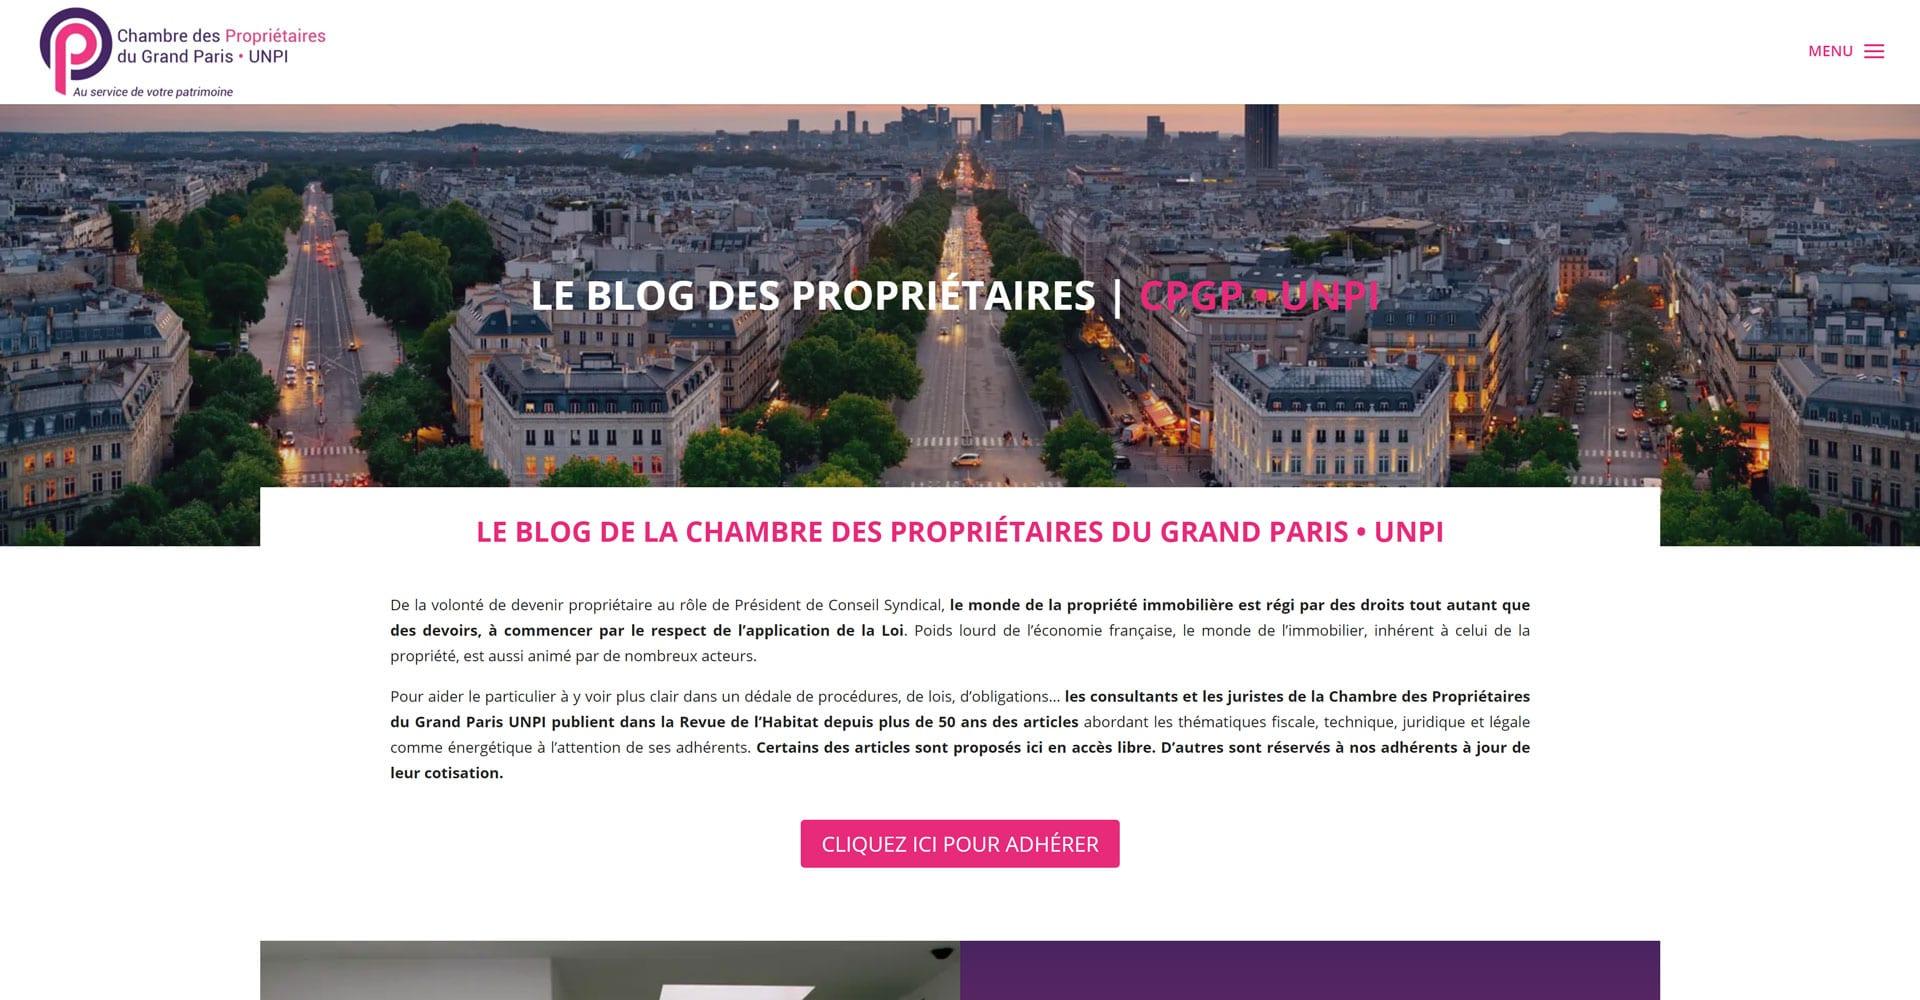 portofolio agence web offshore blog des propriétaires du grand paris